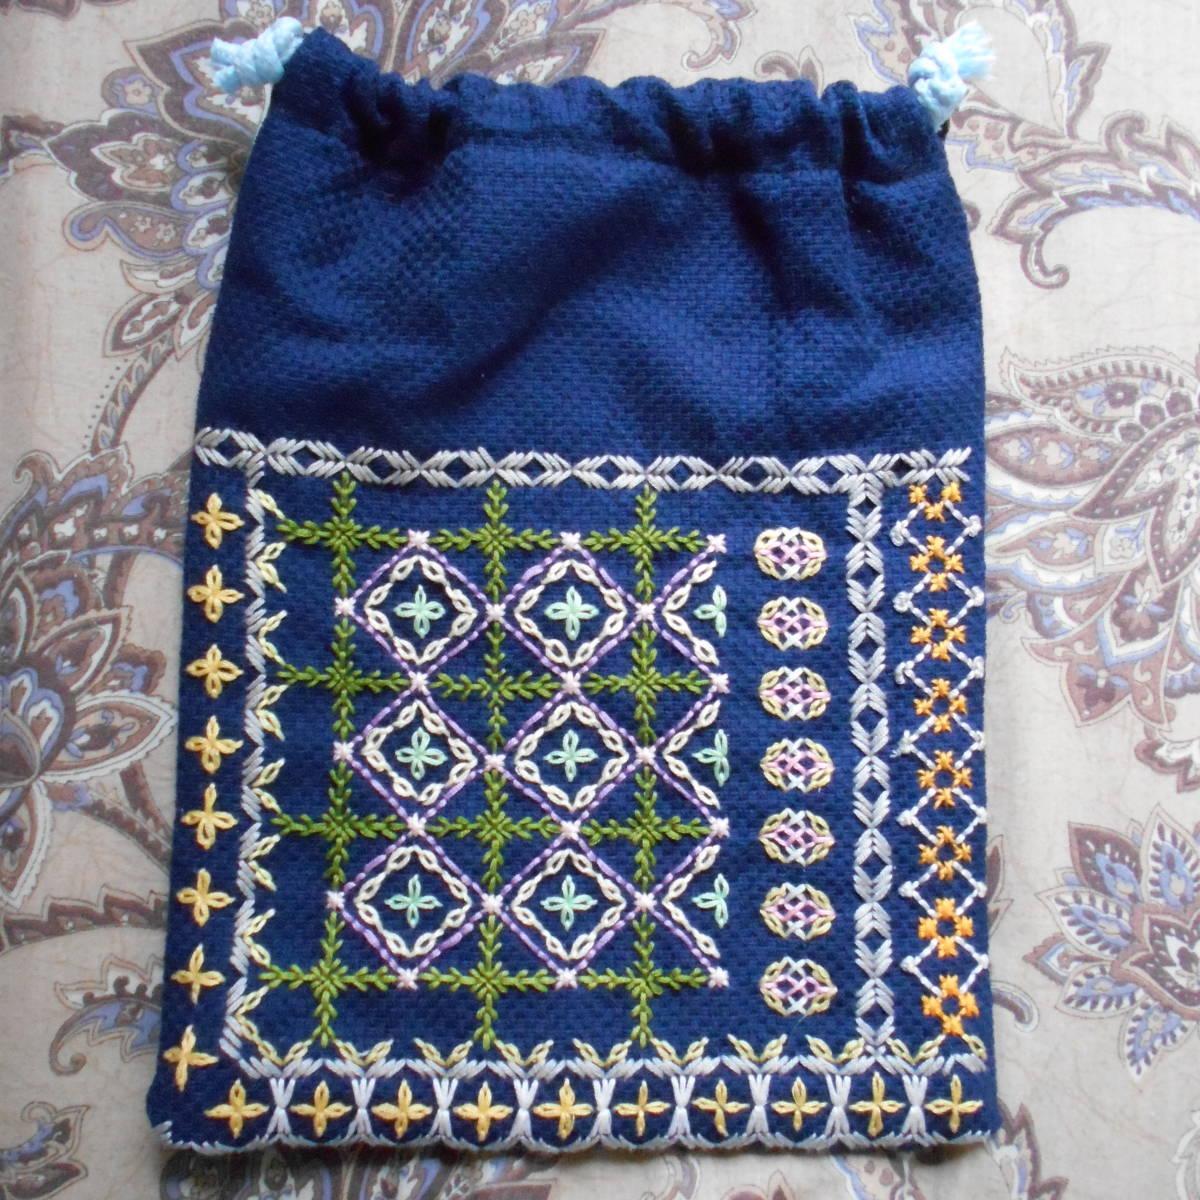 ハンドメイド 刺しゅう入り巾着 刺繍 裏付き 送料無料 創作刺繍 縦28㎝×横21㎝